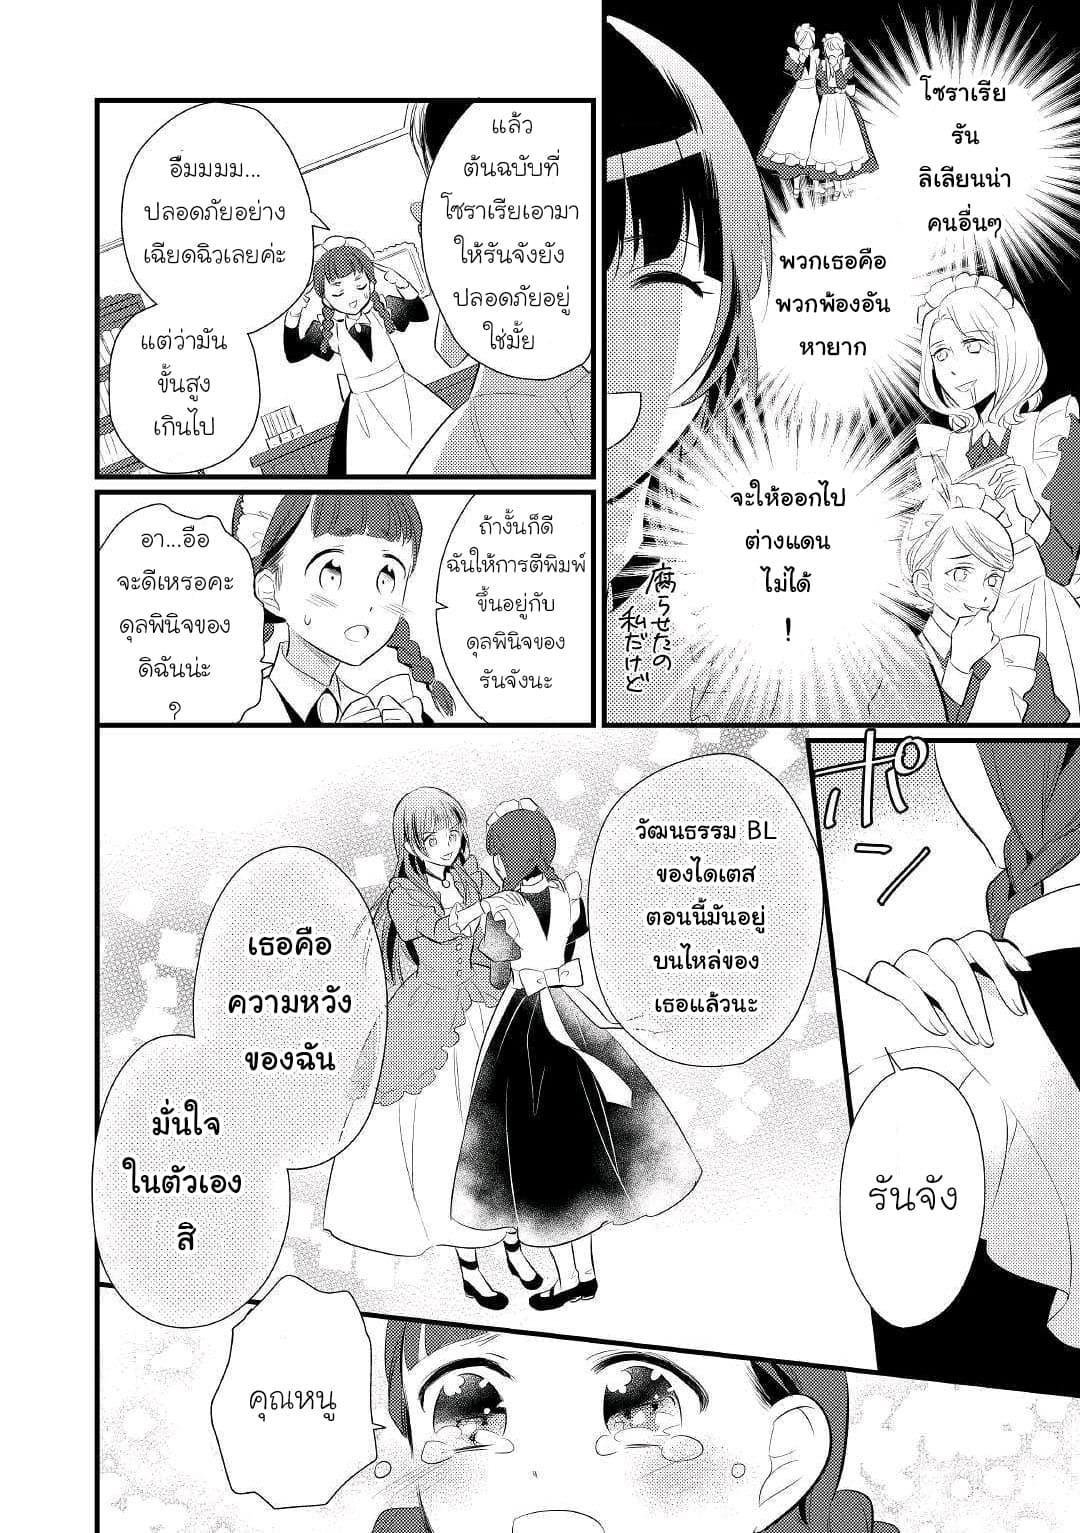 อ่านการ์ตูน Daites Ryou Koubouki ตอนที่ 13 หน้าที่ 23